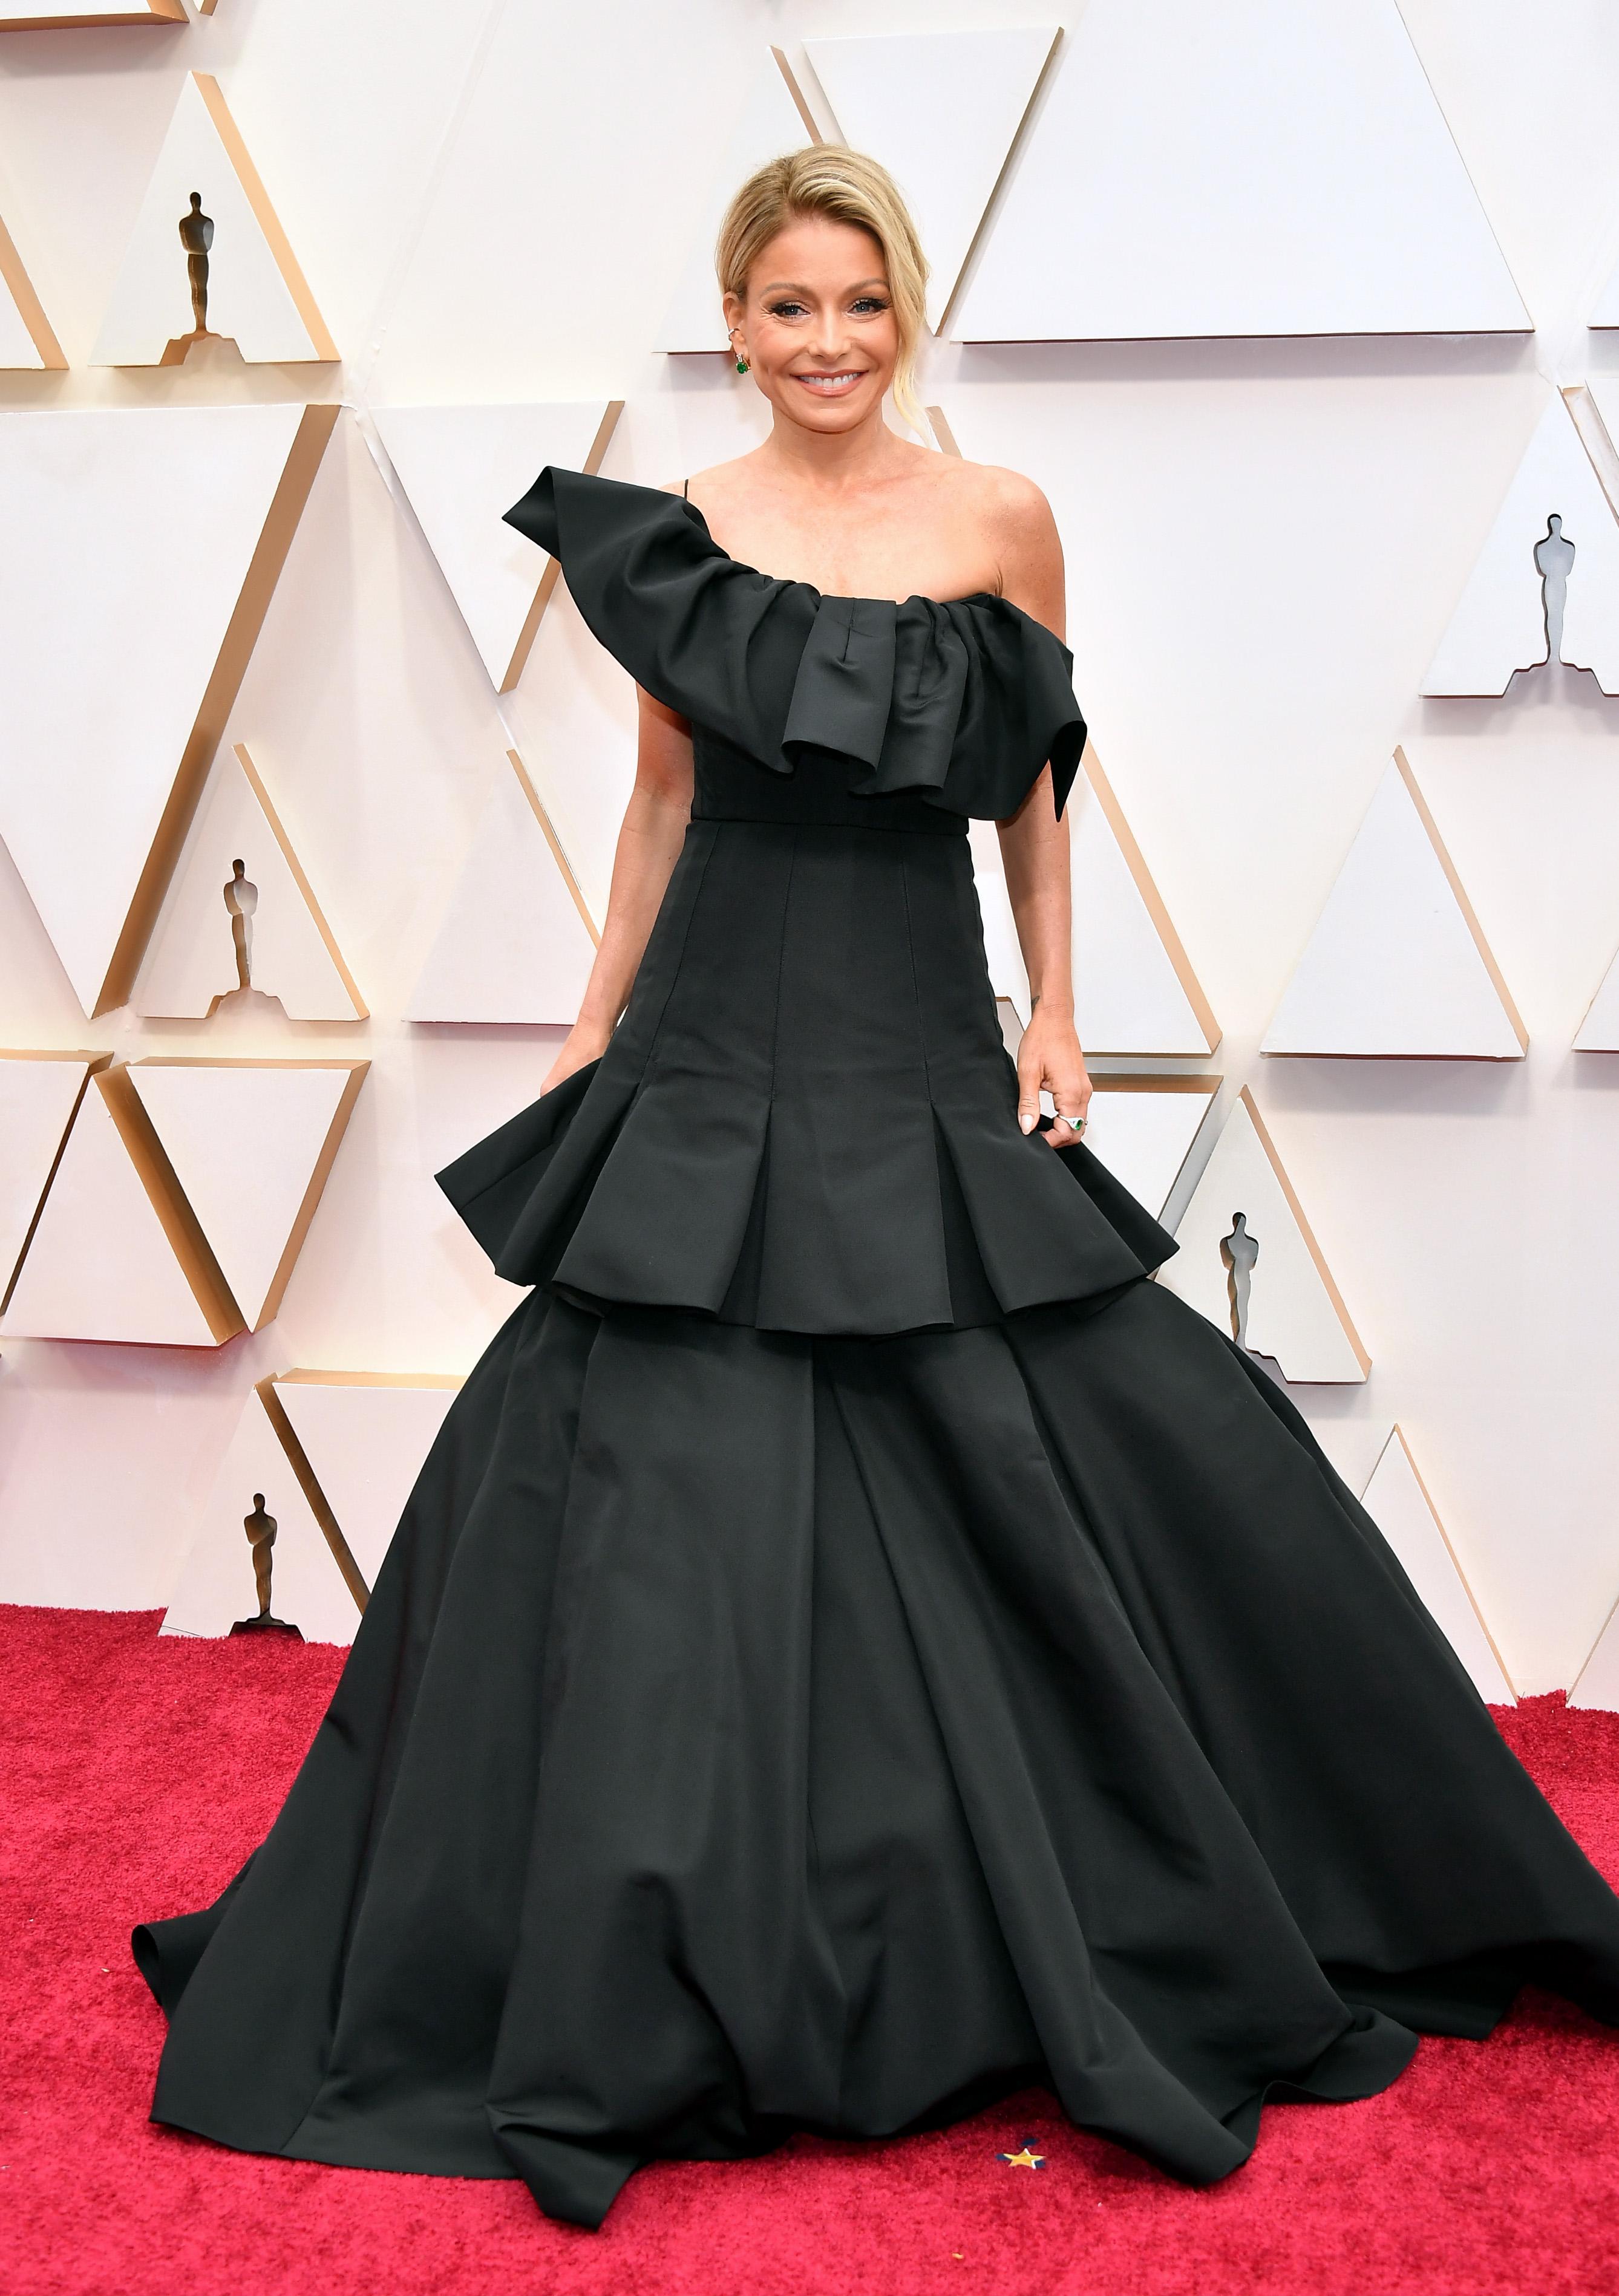 Кели Рипа в Christian Siriano Обемният силует на роклята би отивал на значително по-висока фигура, а бюти визията би следвало да е по-изчистена и строга откъм линии.